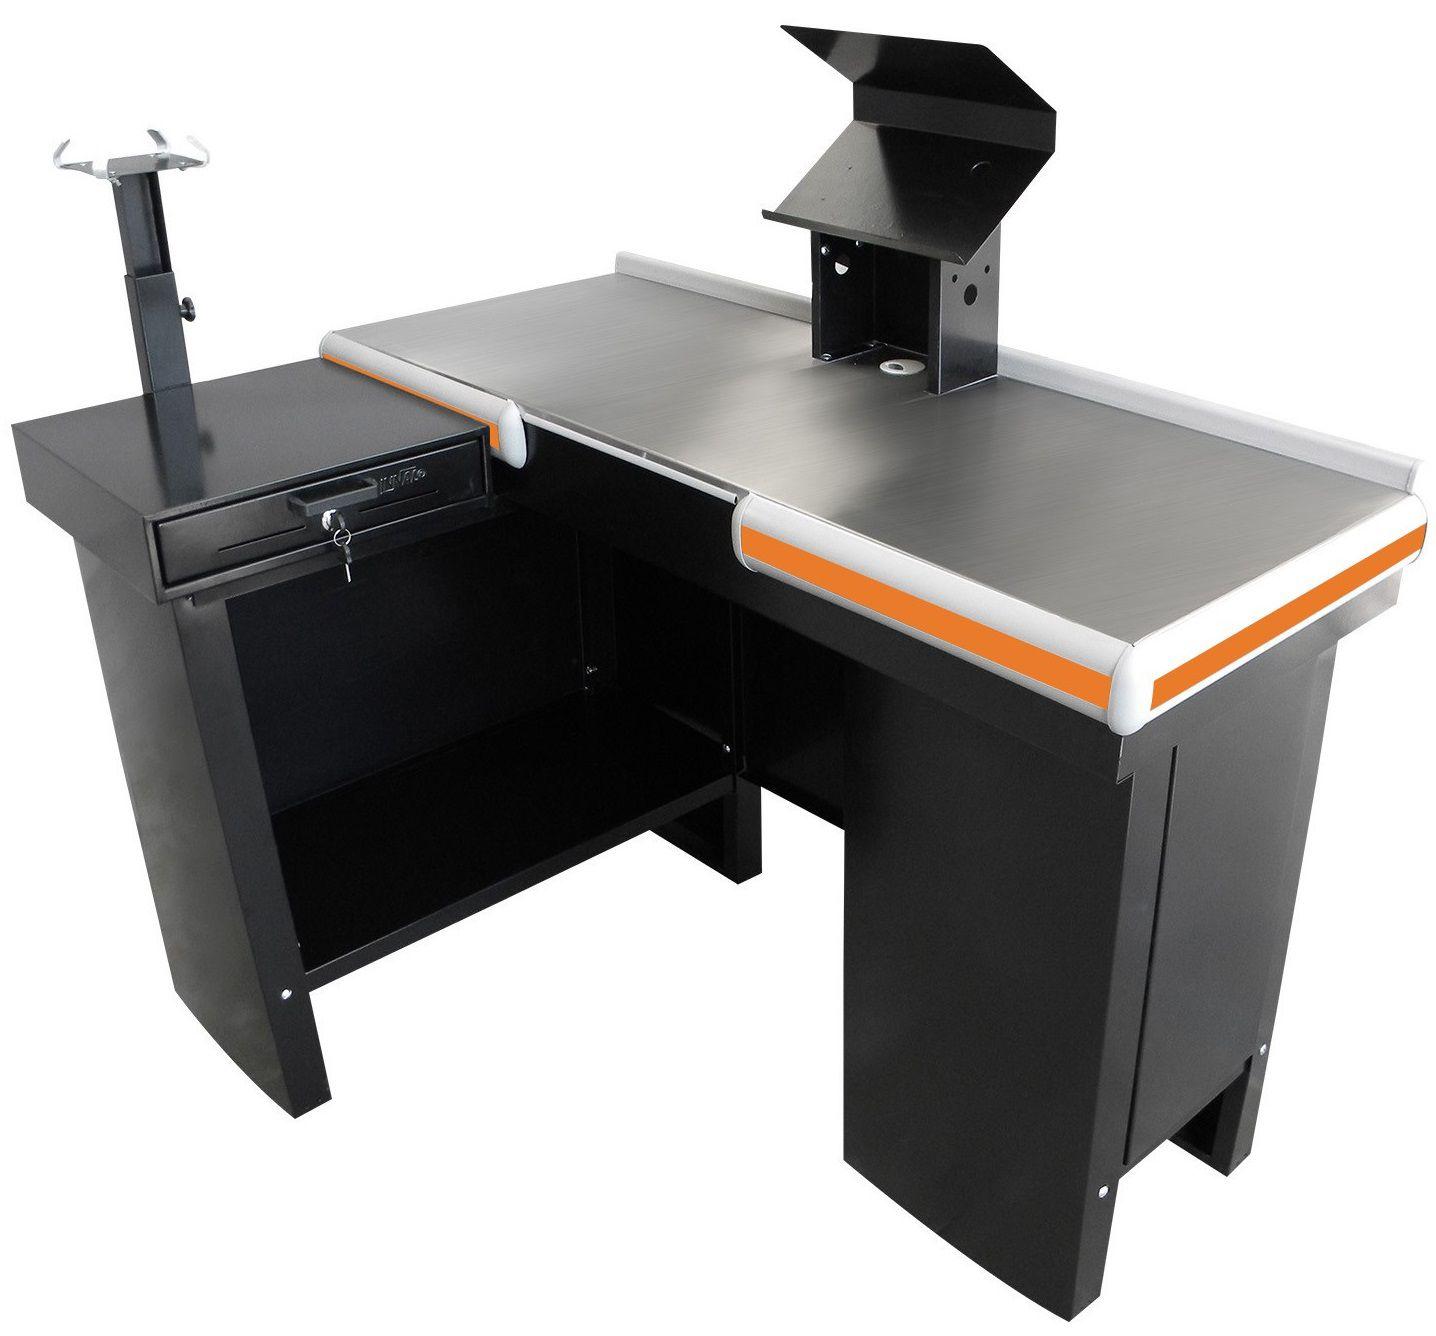 Checkout Caixa de Supermercado Metálico INNAL com Kit para Automação e Furação Balança - 1,30 de Largura  - Carmel Equipamentos